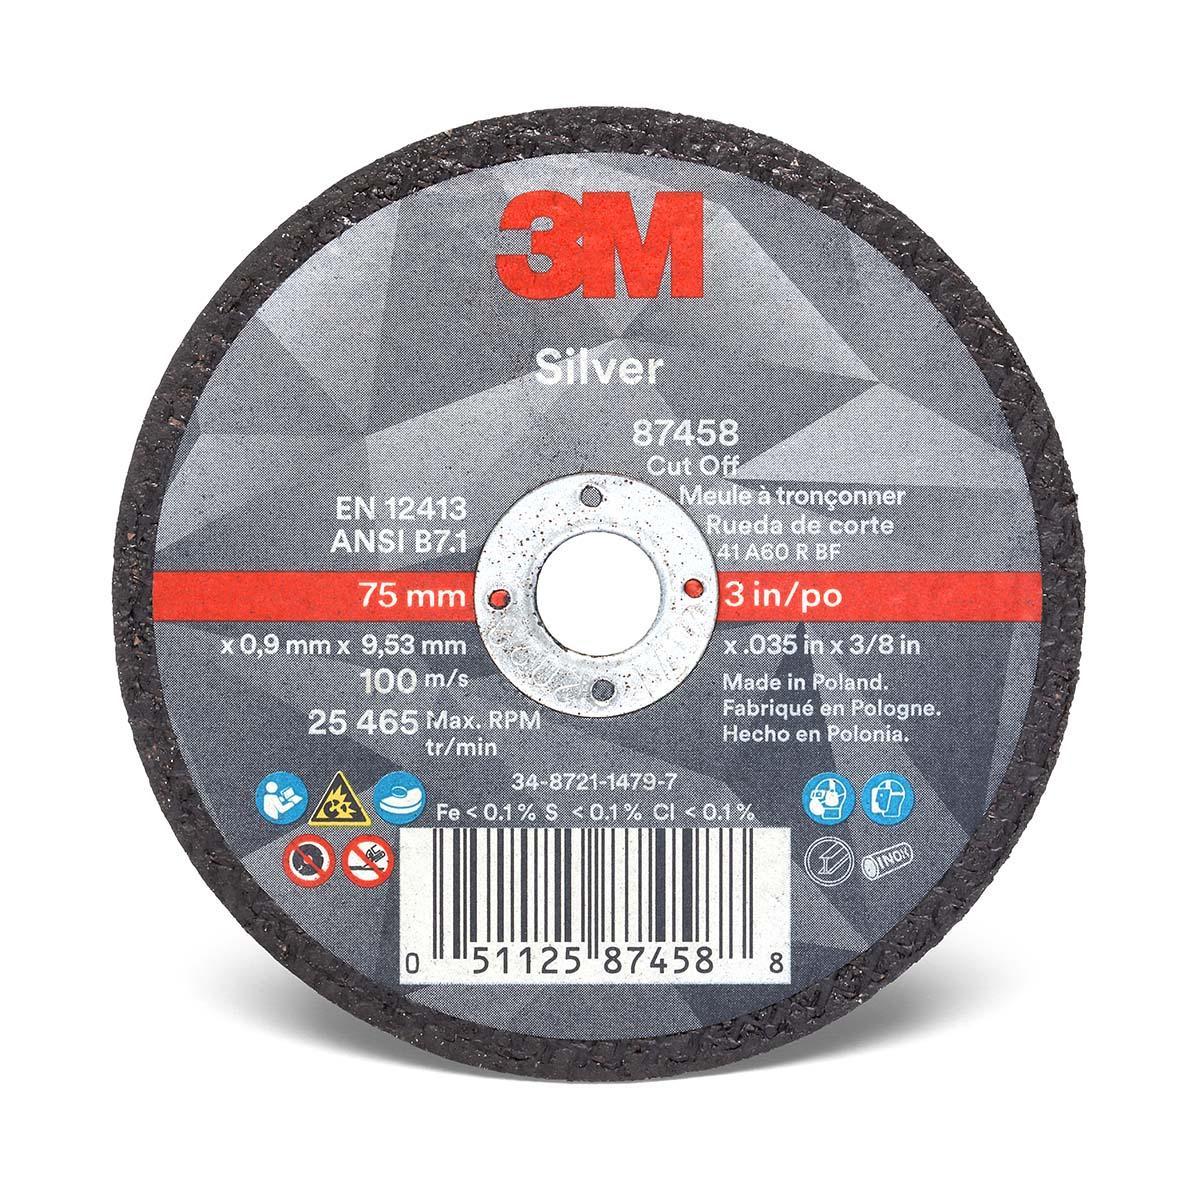 3M Silver Cut-Off Wheel 87458  T1  3 in x .035 in x 3/8 in